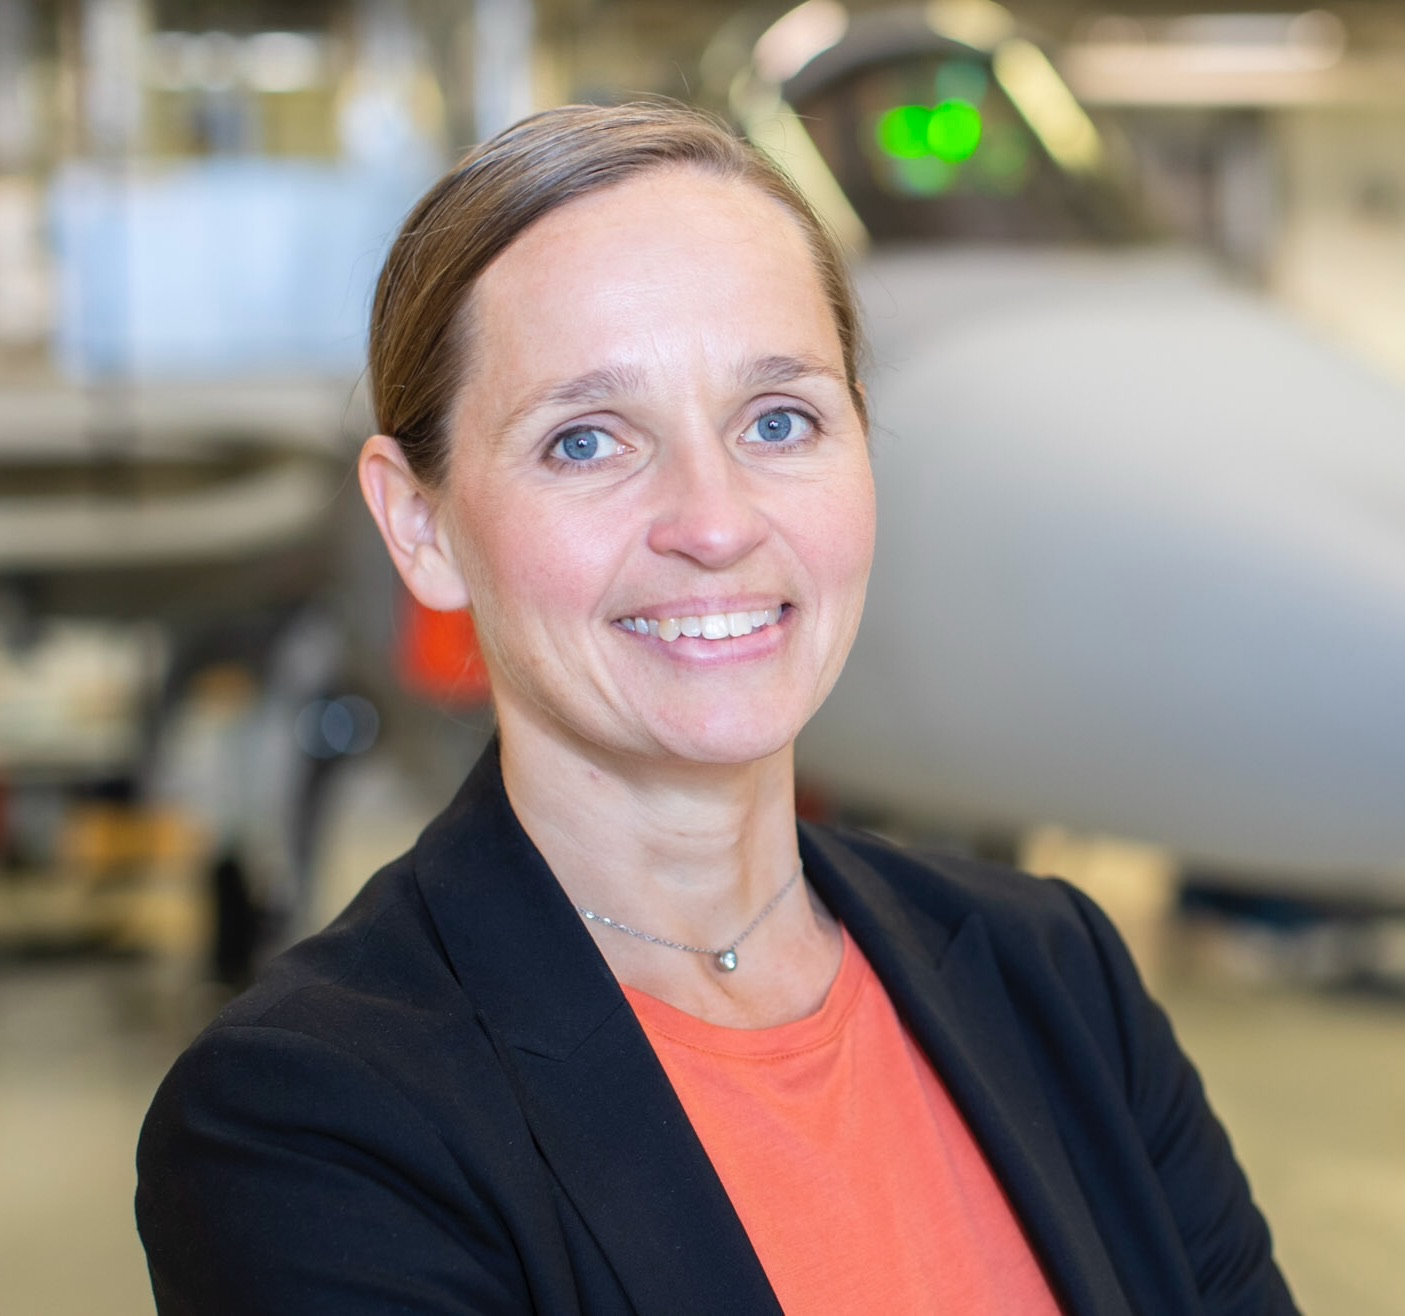 Lisa Åbom. Photo credit: Saab